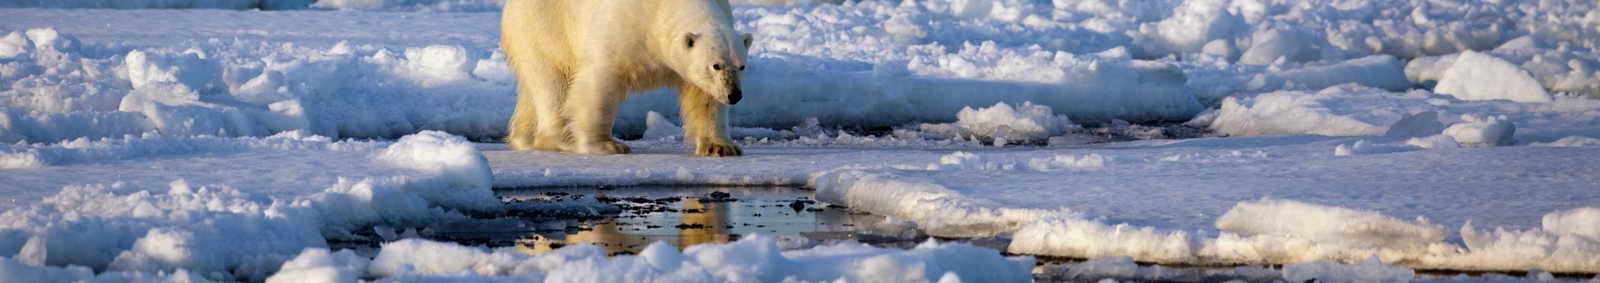 Spitsbergen polar bear